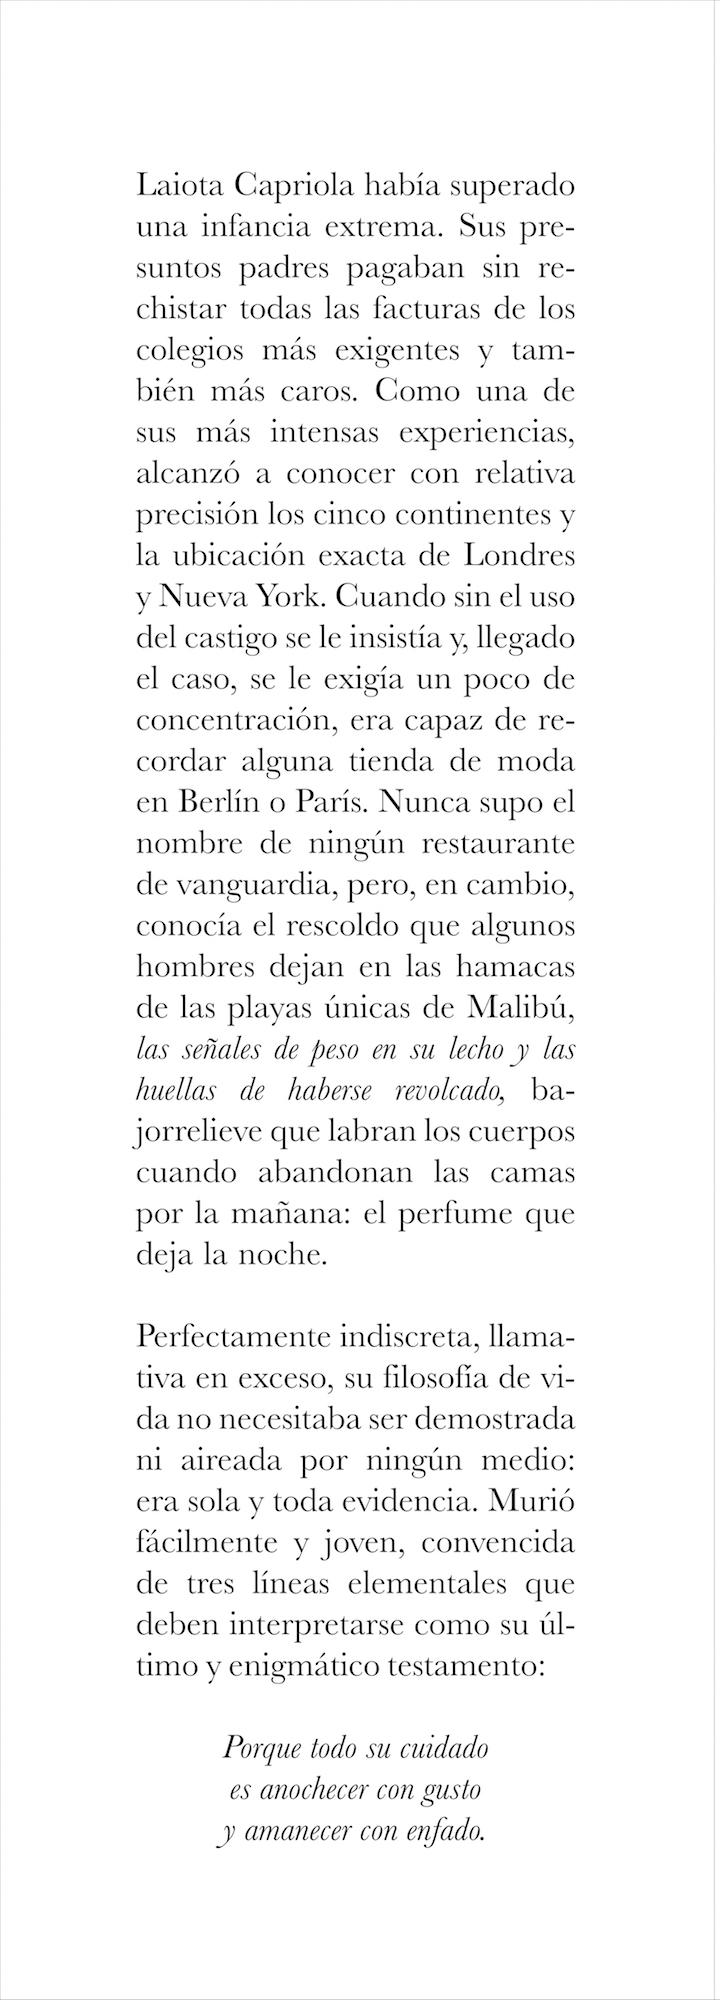 Latoya Capriola (fragmento)